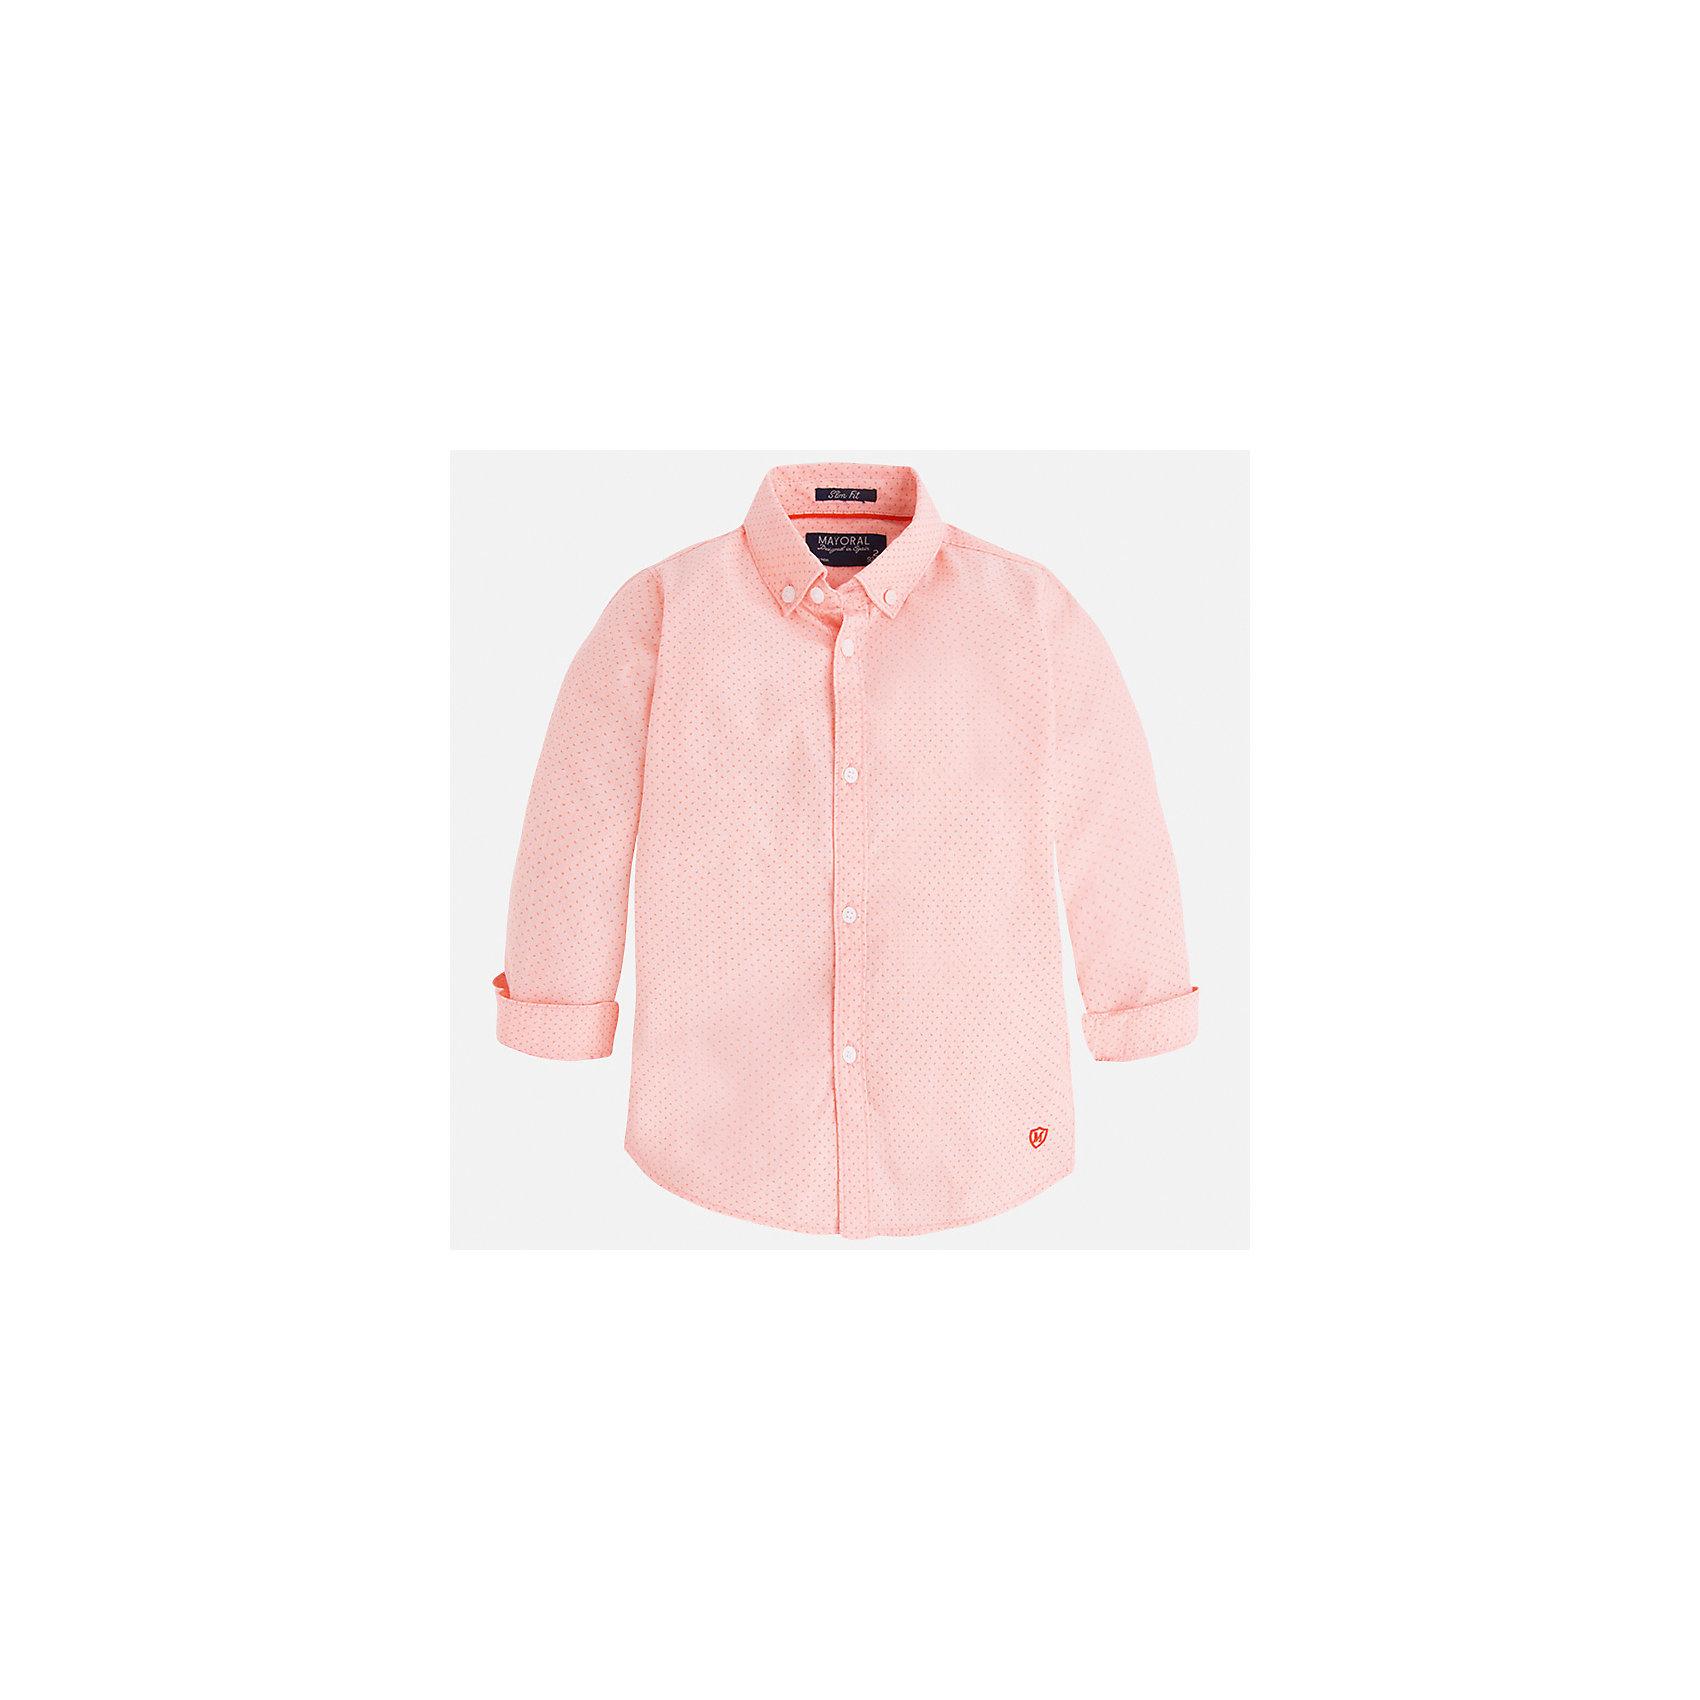 Рубашка для мальчика MayoralОдежда<br>Характеристики товара:<br><br>• цвет: розовый<br>• состав: 100% хлопок<br>• отложной воротник<br>• рукава с отворотами<br>• застежка: пуговицы<br>• вышивка<br>• страна бренда: Испания<br><br>Стильная рубашка-поло для мальчика может стать базовой вещью в гардеробе ребенка. Она отлично сочетается с брюками, шортами, джинсами и т.д. Универсальный крой и цвет позволяет подобрать к вещи низ разных расцветок. Практичное и стильное изделие! В составе материала - только натуральный хлопок, гипоаллергенный, приятный на ощупь, дышащий.<br><br>Одежда, обувь и аксессуары от испанского бренда Mayoral полюбились детям и взрослым по всему миру. Модели этой марки - стильные и удобные. Для их производства используются только безопасные, качественные материалы и фурнитура. Порадуйте ребенка модными и красивыми вещами от Mayoral! <br><br>Рубашку-поло для мальчика от испанского бренда Mayoral (Майорал) можно купить в нашем интернет-магазине.<br><br>Ширина мм: 174<br>Глубина мм: 10<br>Высота мм: 169<br>Вес г: 157<br>Цвет: розовый<br>Возраст от месяцев: 72<br>Возраст до месяцев: 84<br>Пол: Мужской<br>Возраст: Детский<br>Размер: 122,134,128,116,110,98,92,104<br>SKU: 5272459